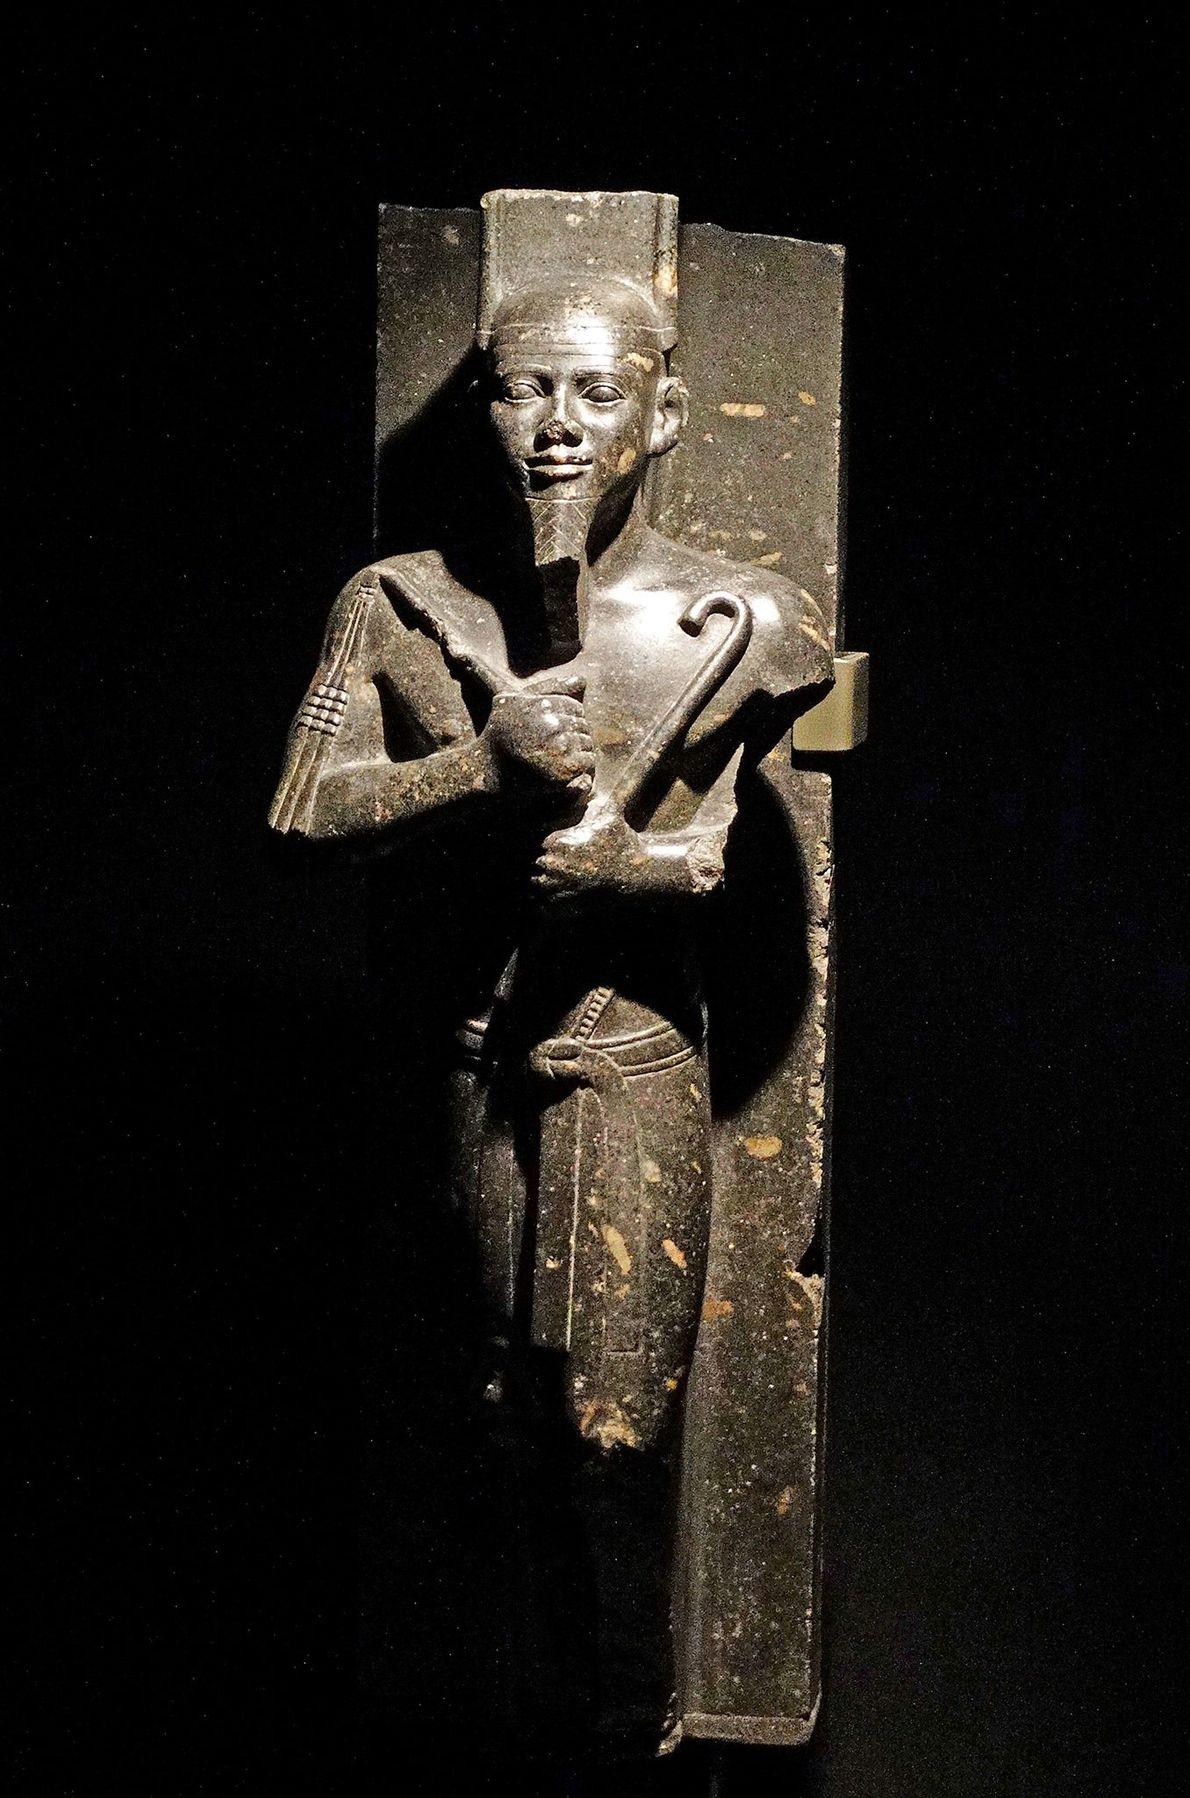 Una estatua del faraón Taharqa, quien gobernó todo Egipto en el siglo VII a.C.